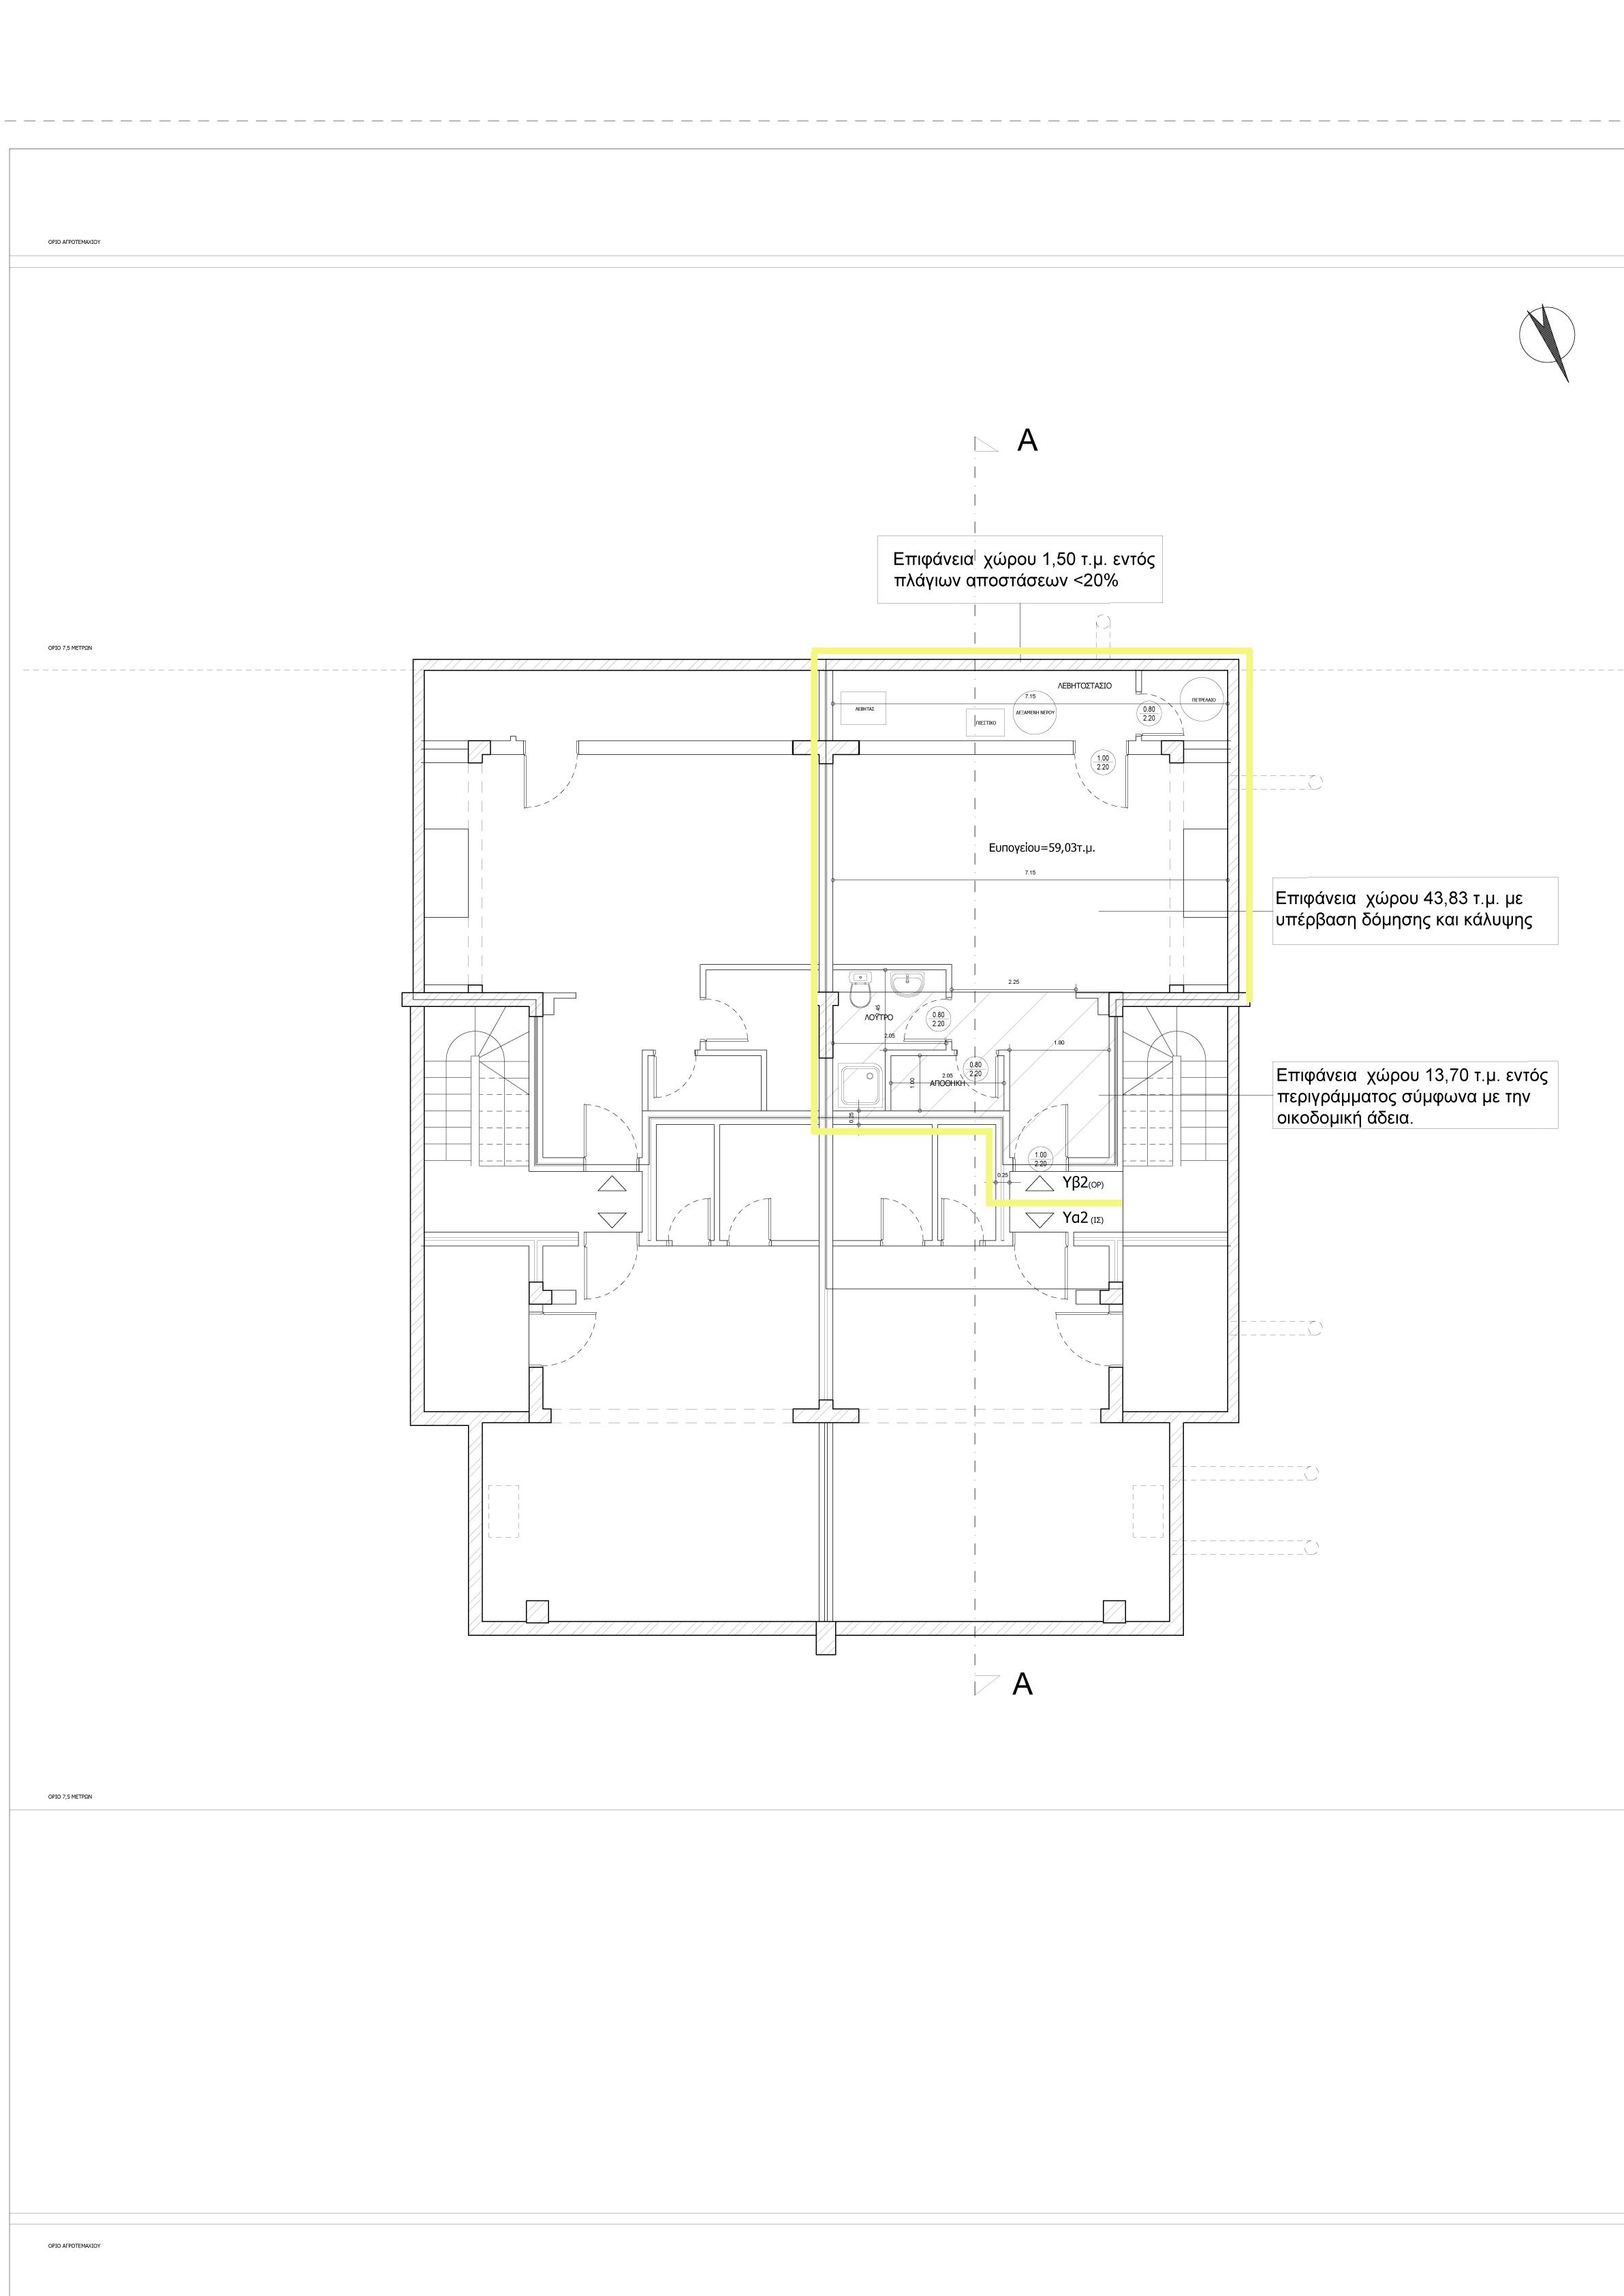 planimetrie/E4FQ2fsrlQ.jpg